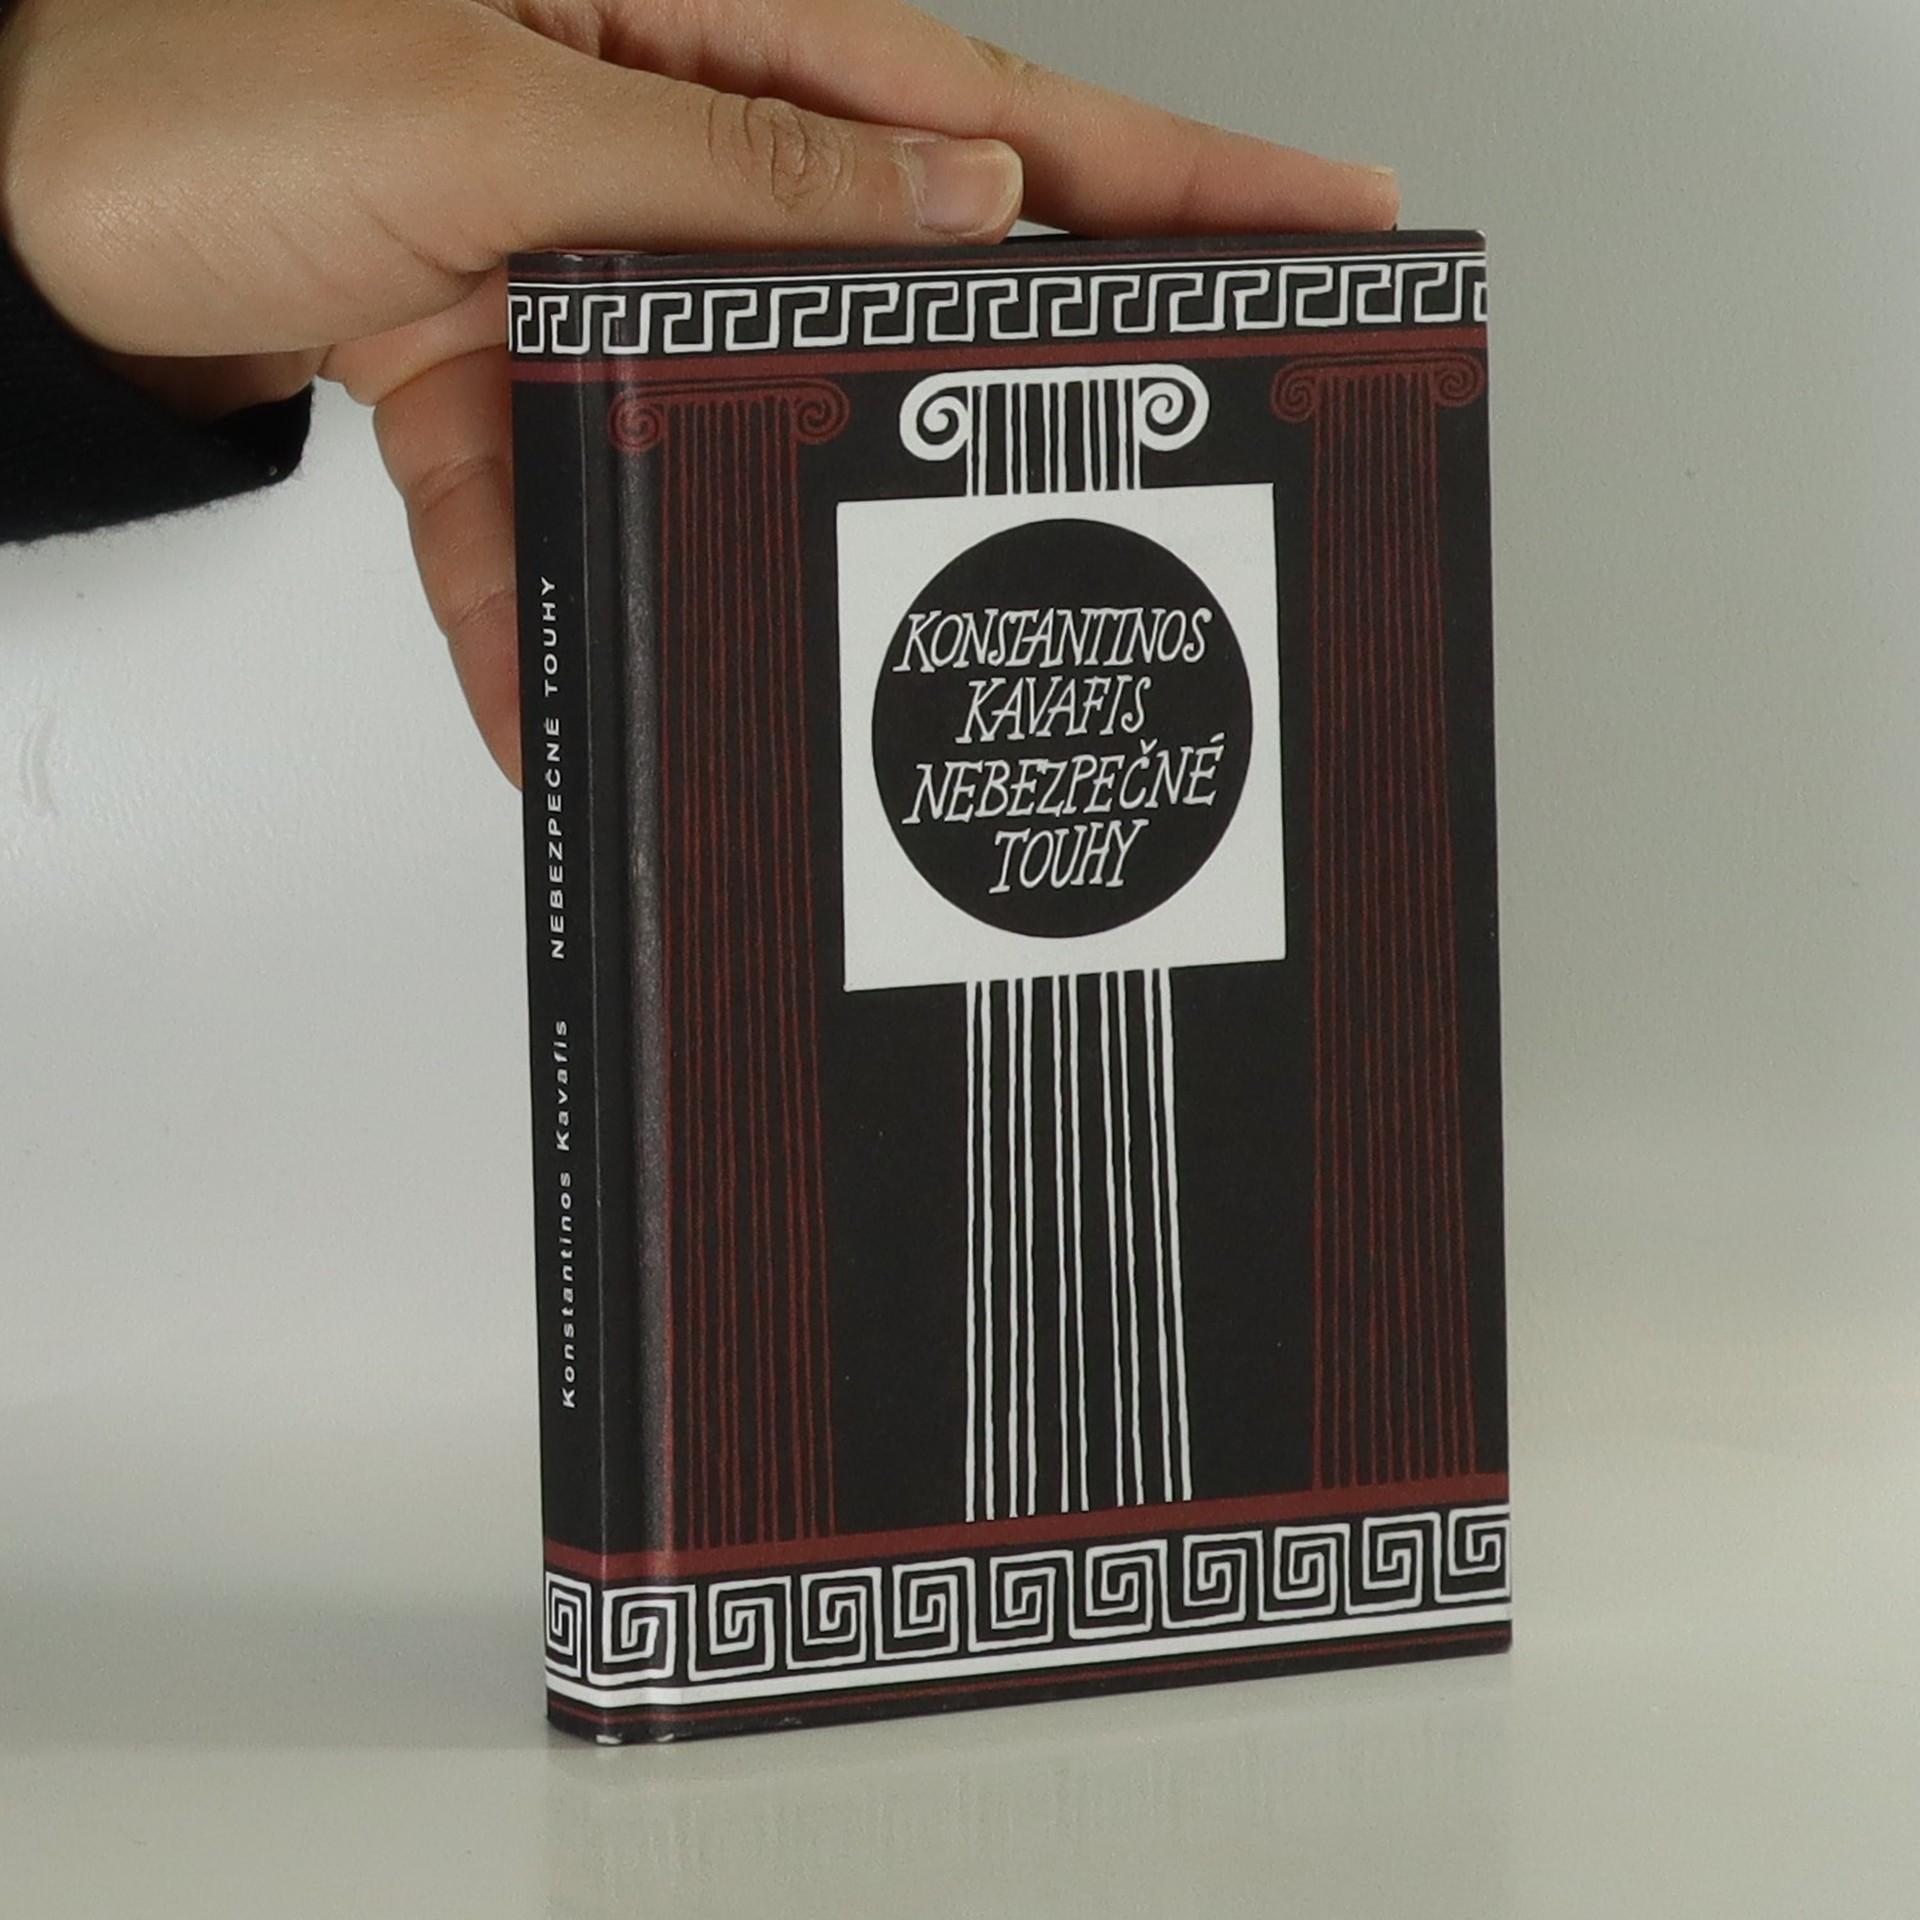 antikvární kniha Nebezpečné touhy, 1997